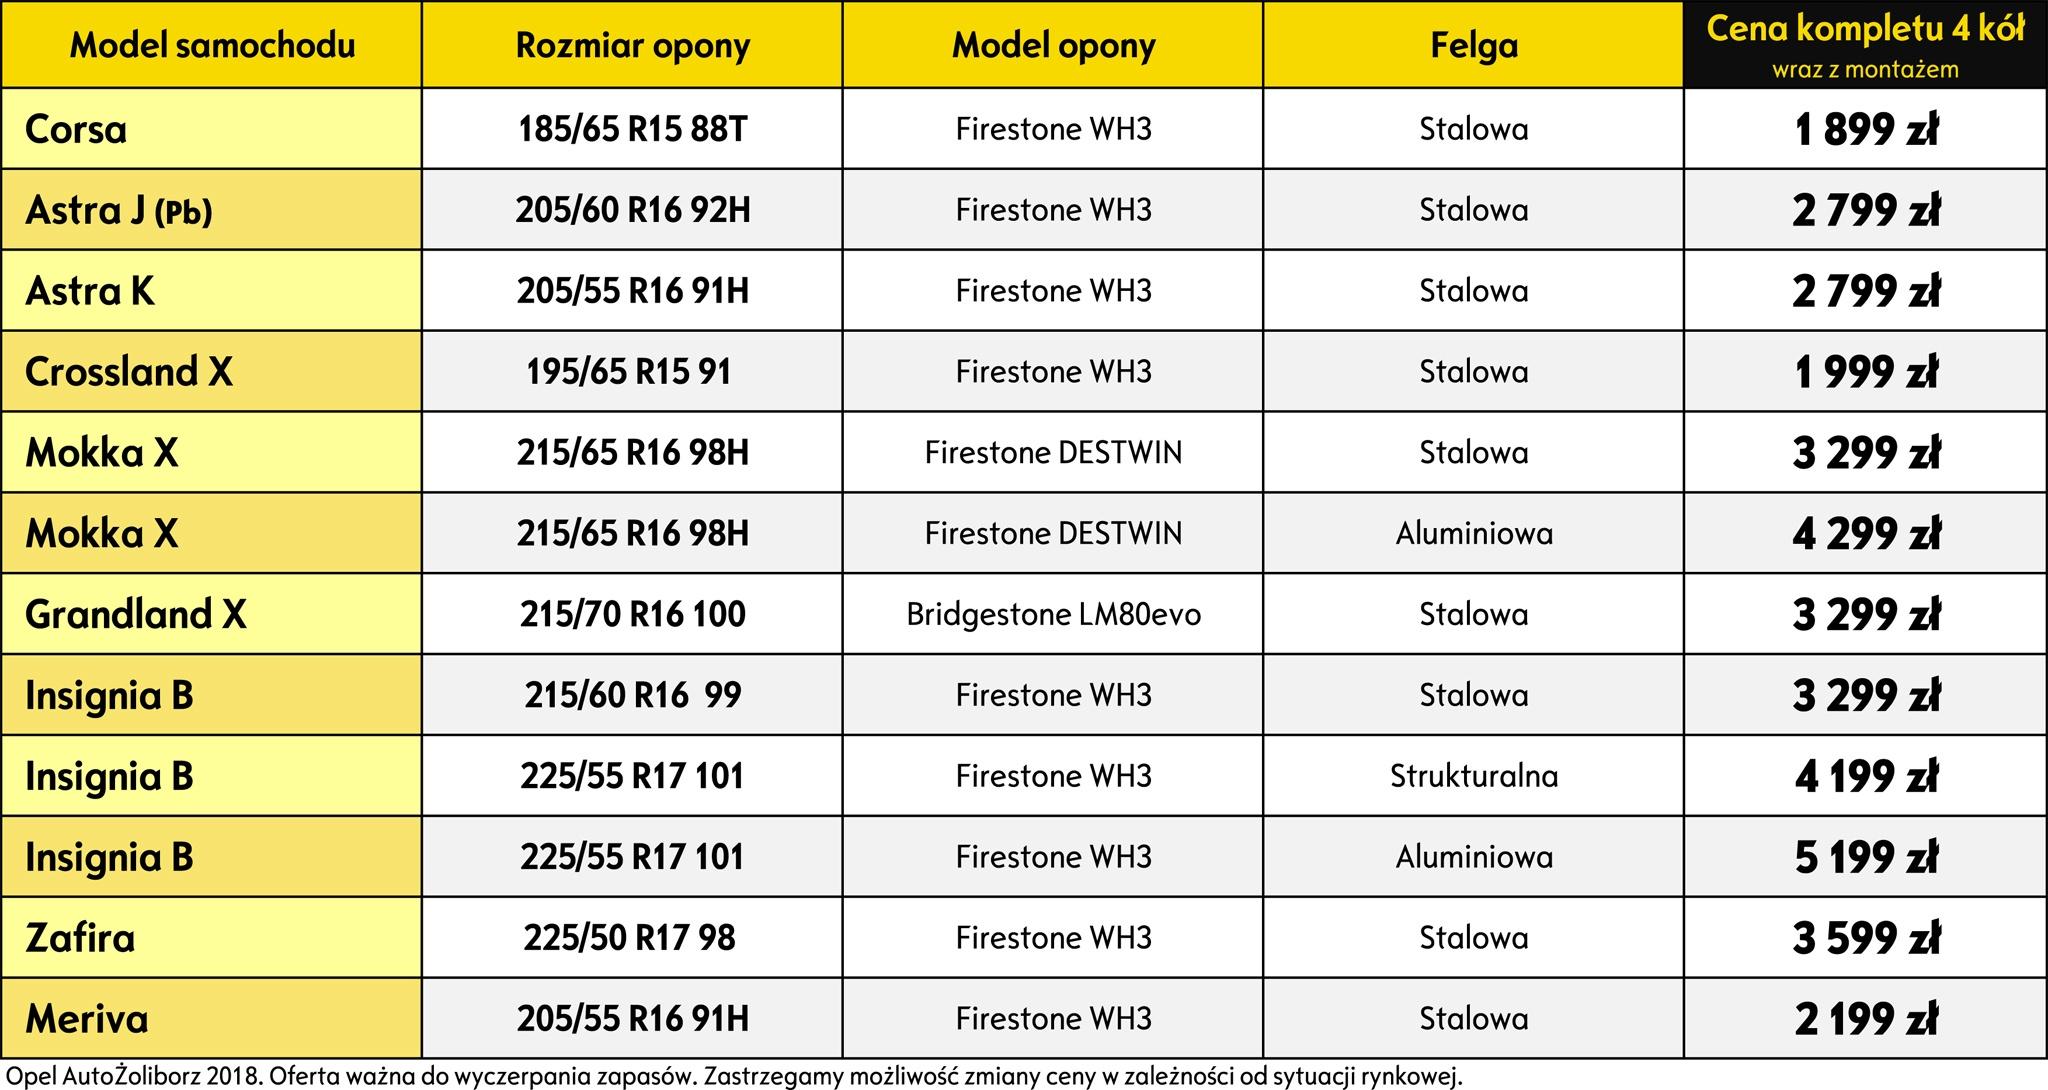 Promocyjny cennik kompletów kół zimowych w serwisach Opel AutoŻoliborz